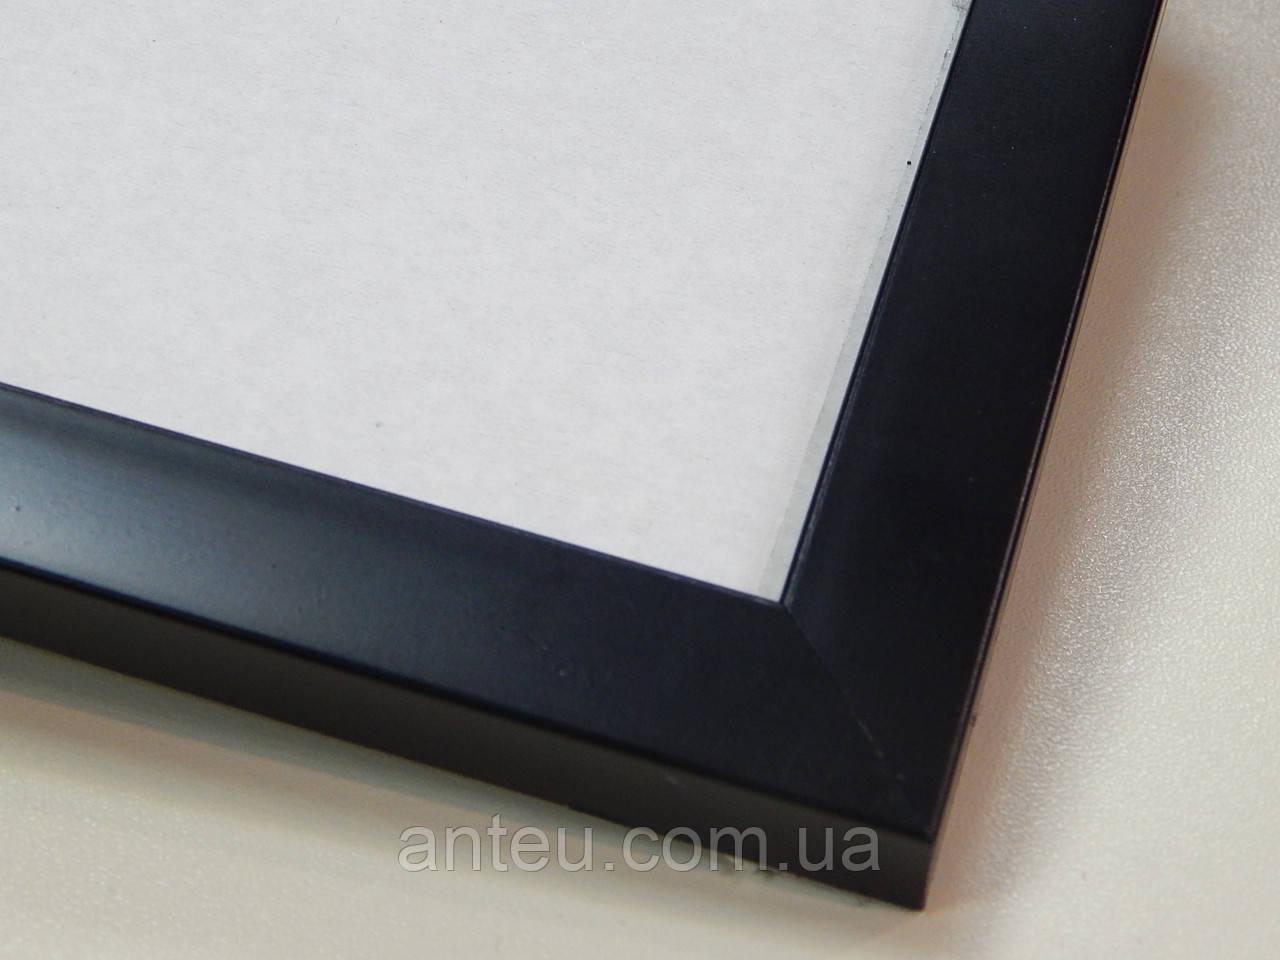 Рамка 30х40.Профиль 16 мм.Черный матовый.